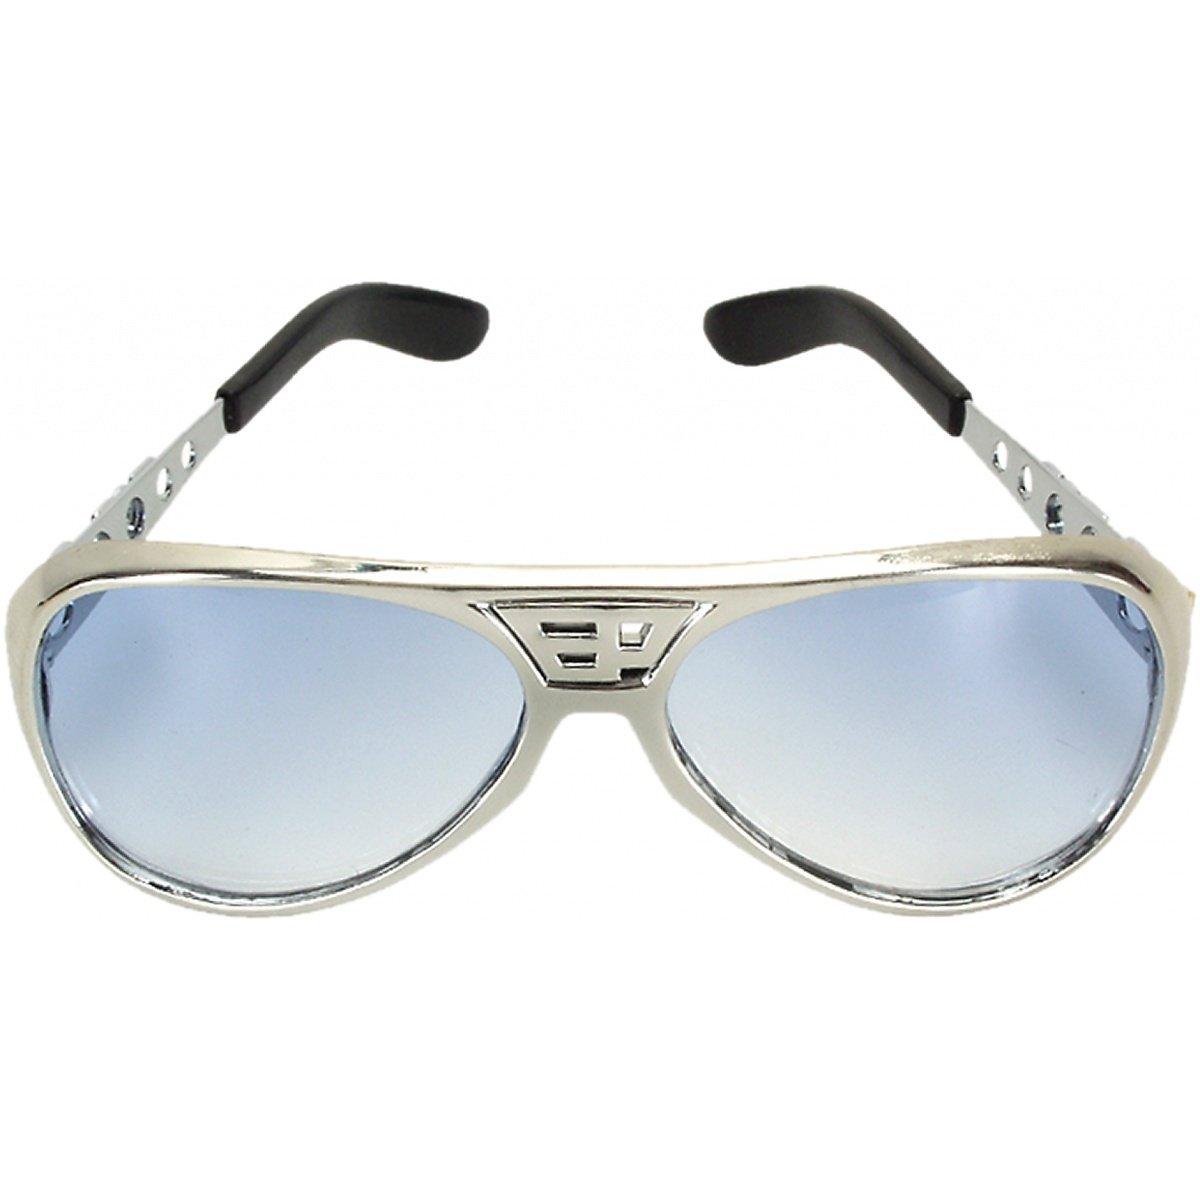 Amazon.com: Elvis cromo clásico anteojos de sol en color ...